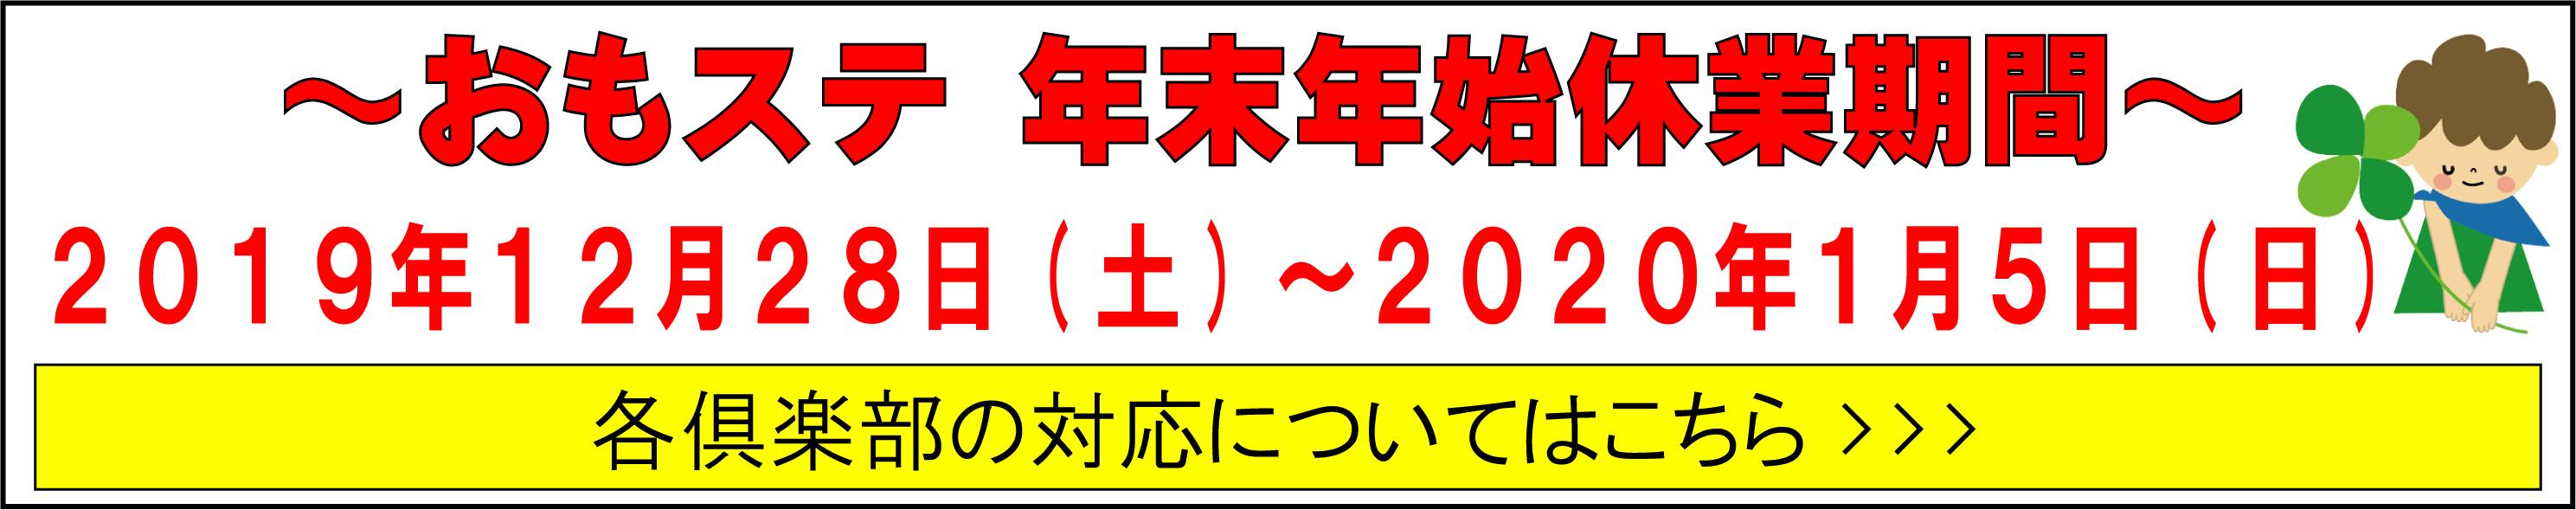 年末年始休業期間 2019/12/28(土)~2020/1/5(日)